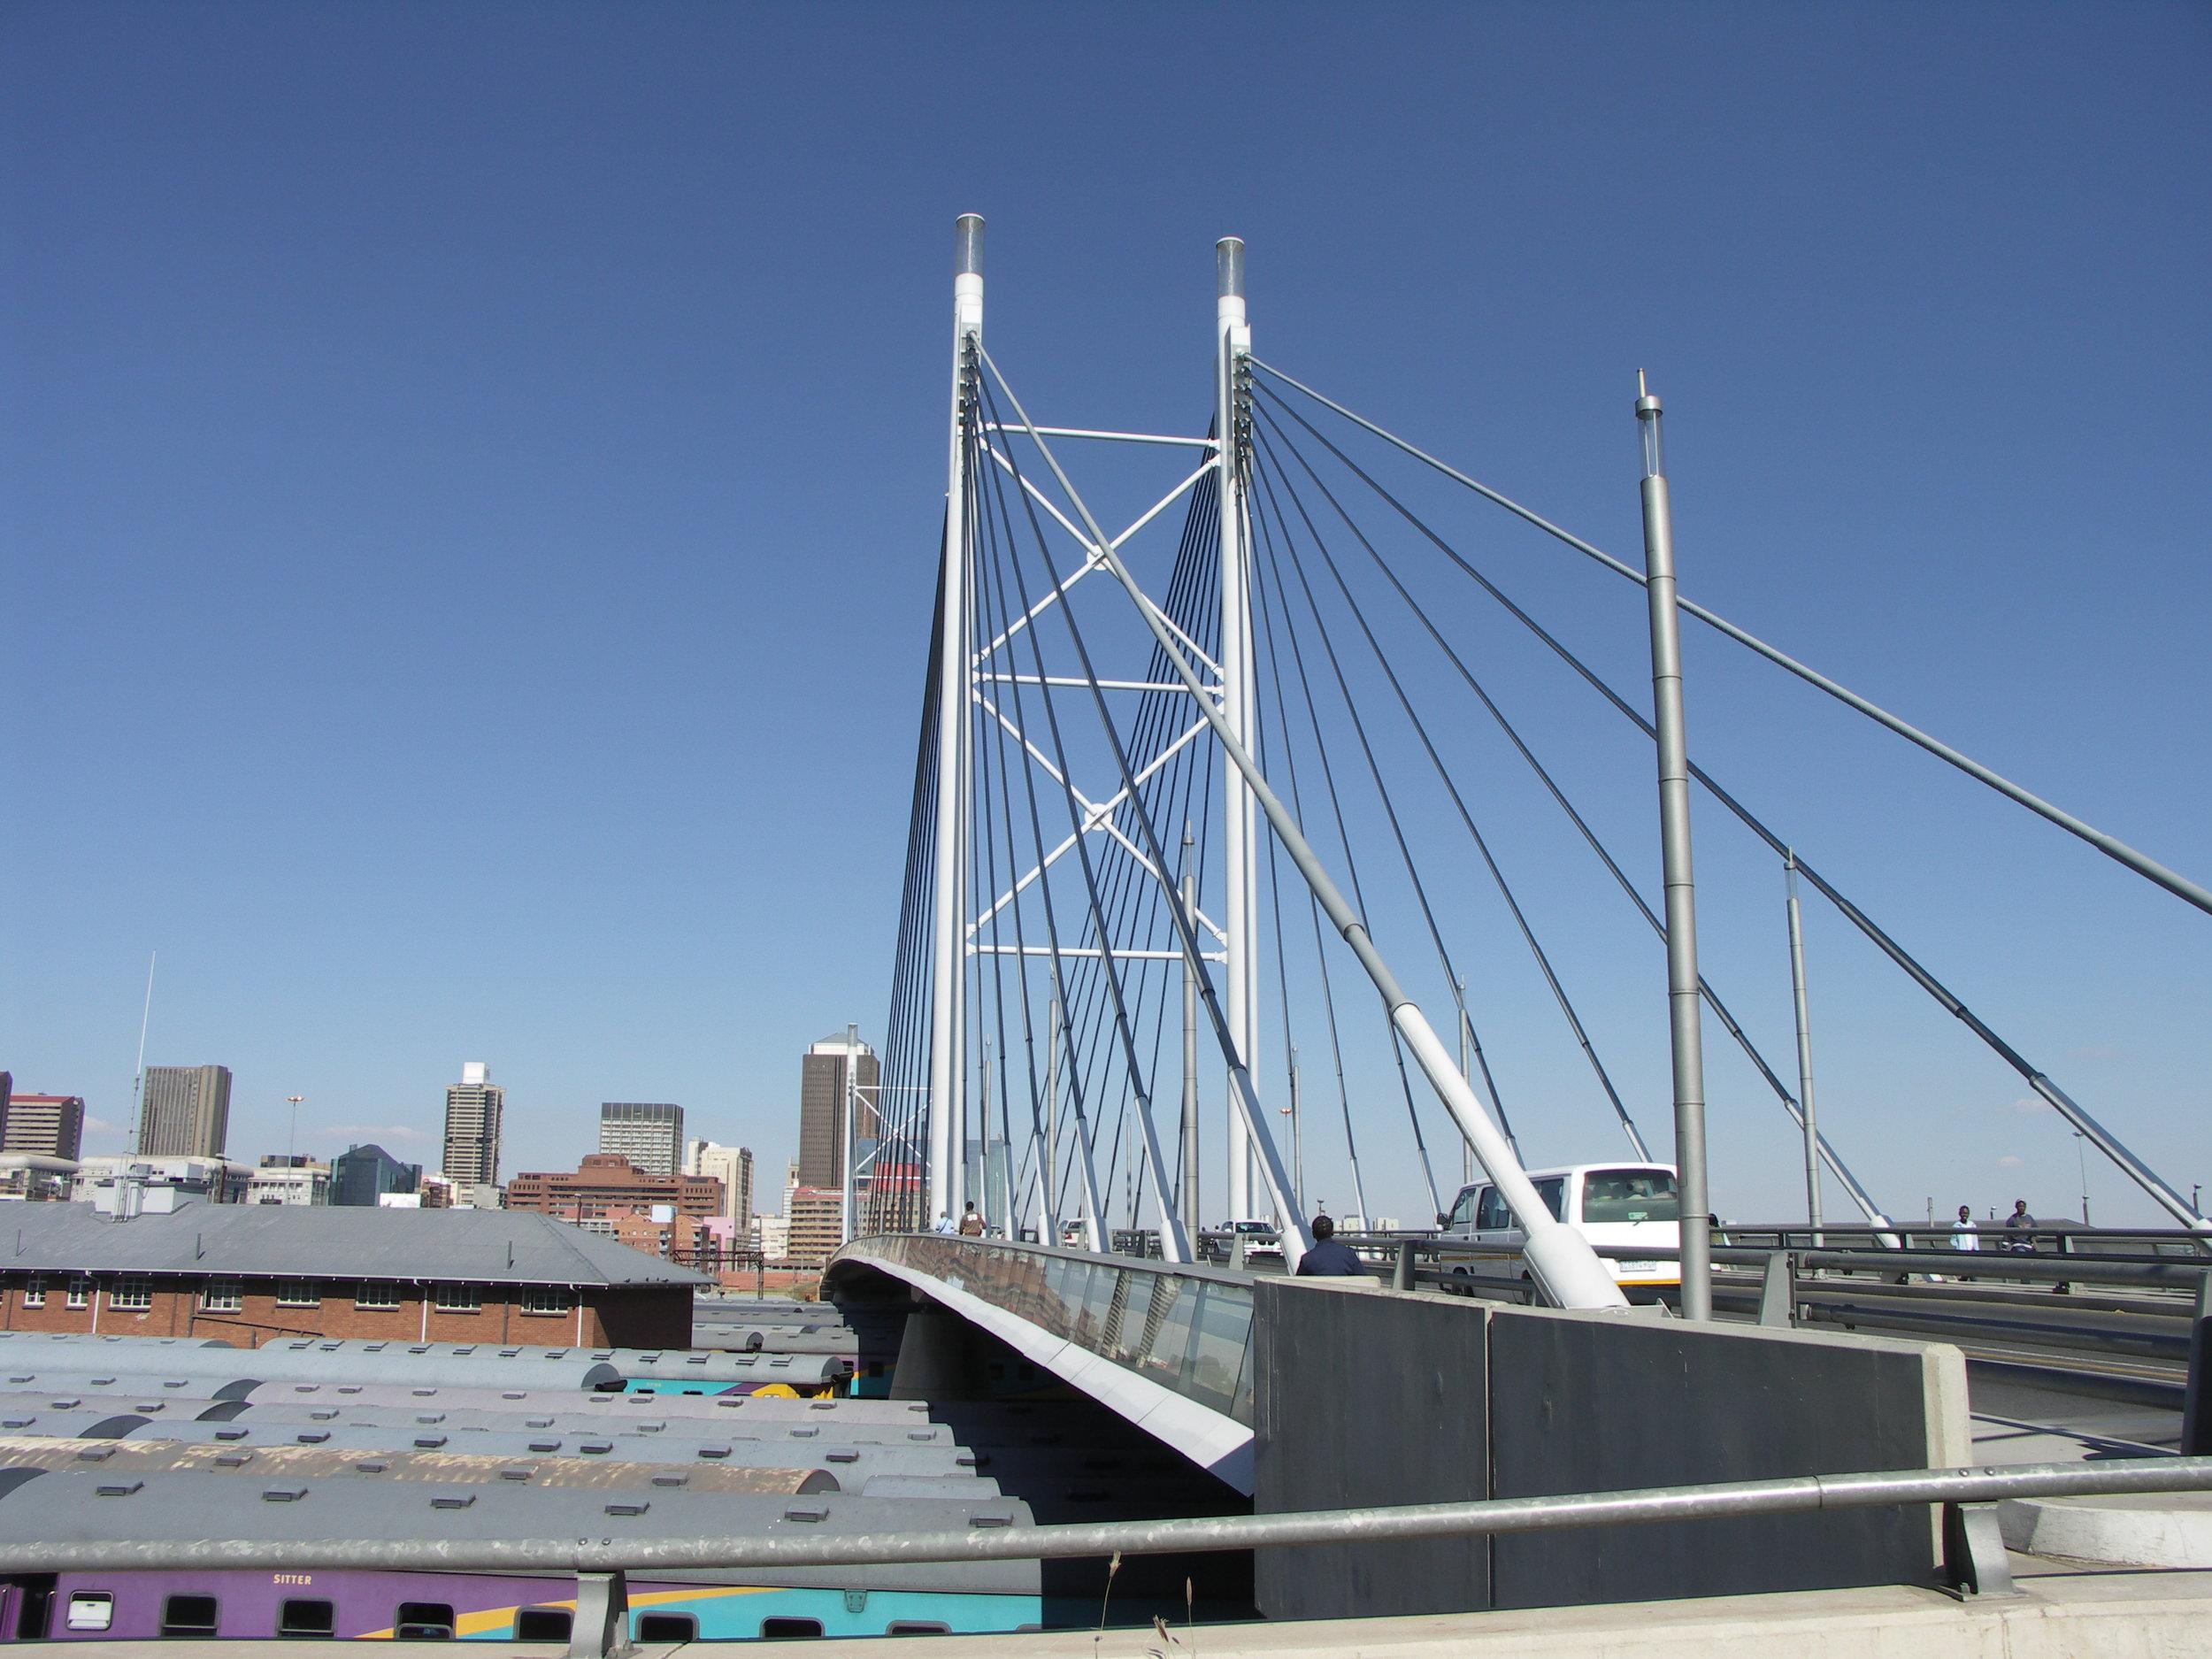 South_Africa-Johannesburg-Nelson_Mandela_Bridge001.jpg